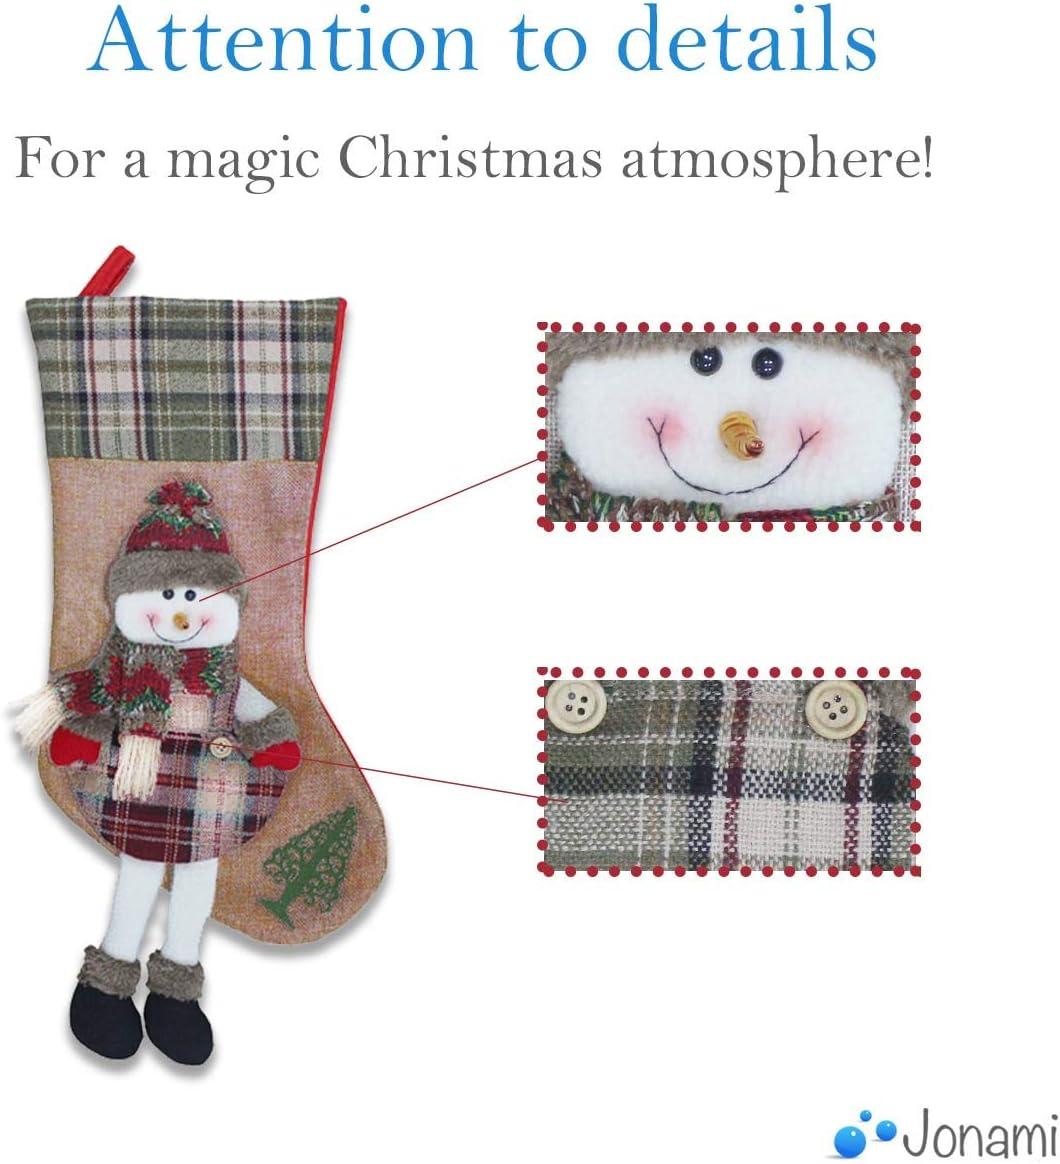 Jonami 1 Bas de Noel Bottes de No/ël Decorations de Noel 3D Chaussette pour Remplir et Suspendre des Cadeaux